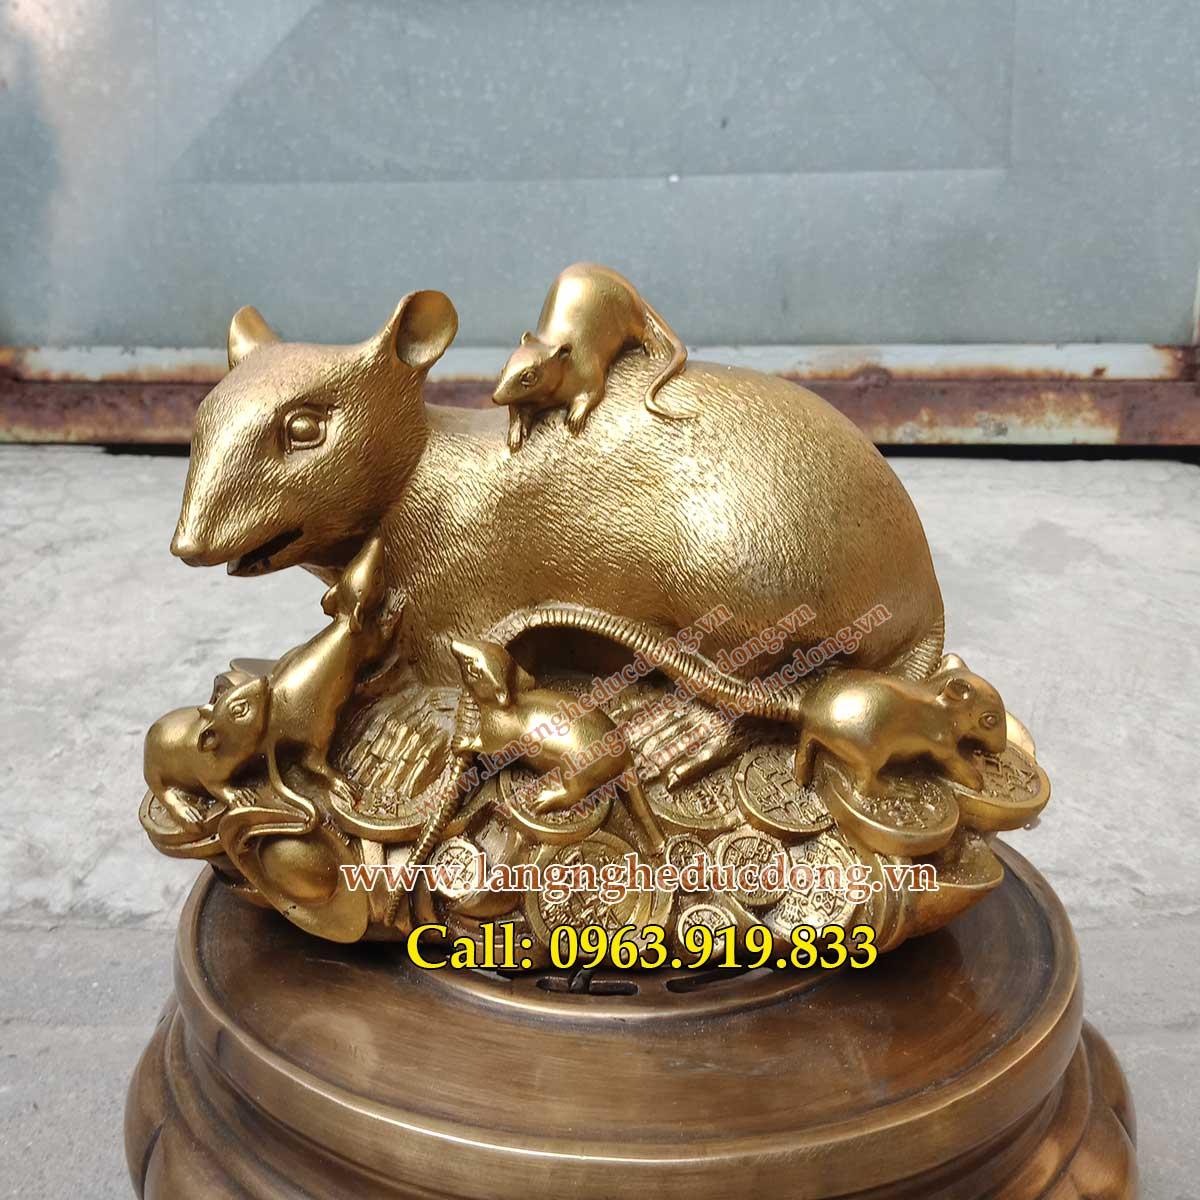 bán chuột đồng phong thủy. các mẫu chuột phong thủy bằng đồng, giá bán chuột đồng